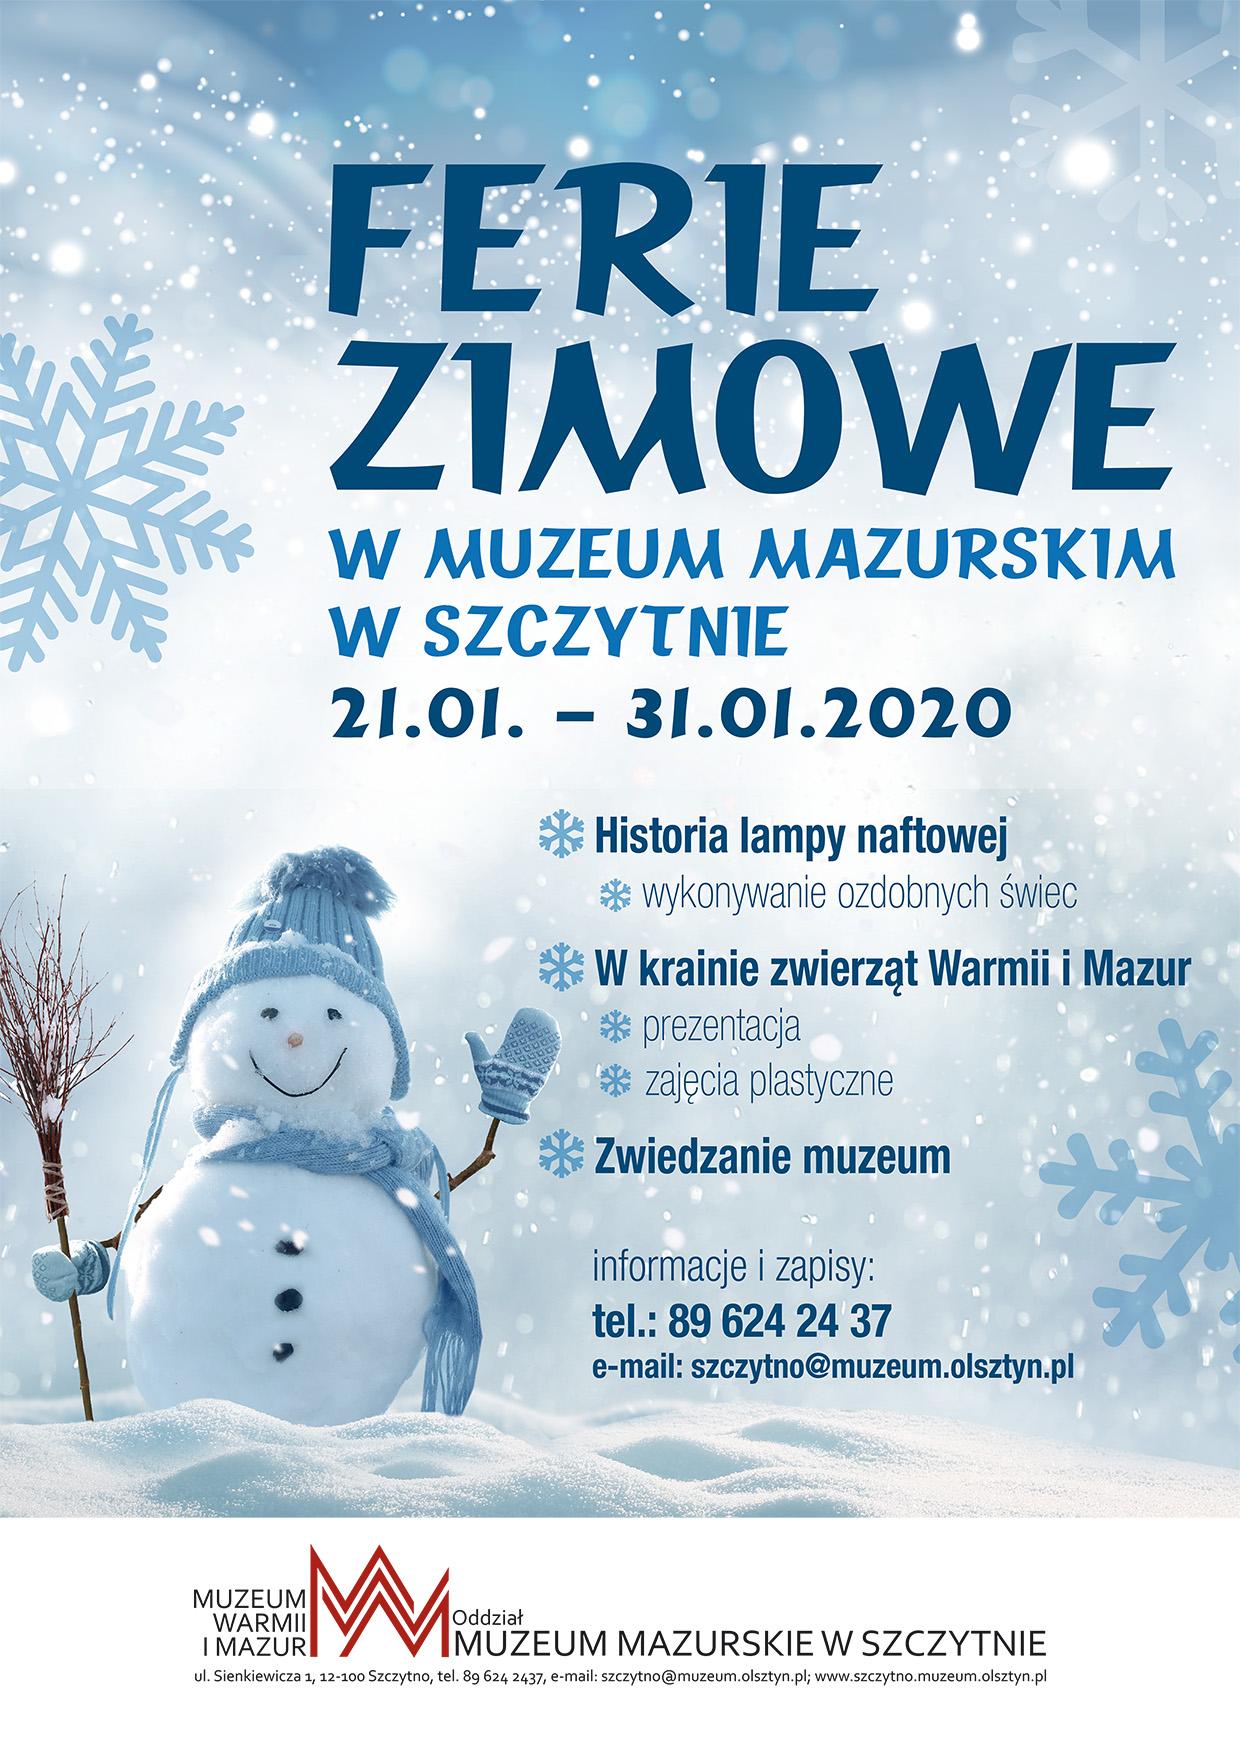 https://m.wmwm.pl/2020/01/orig/plakat-ferie-mmszczytno-2020-fb-6571.jpg